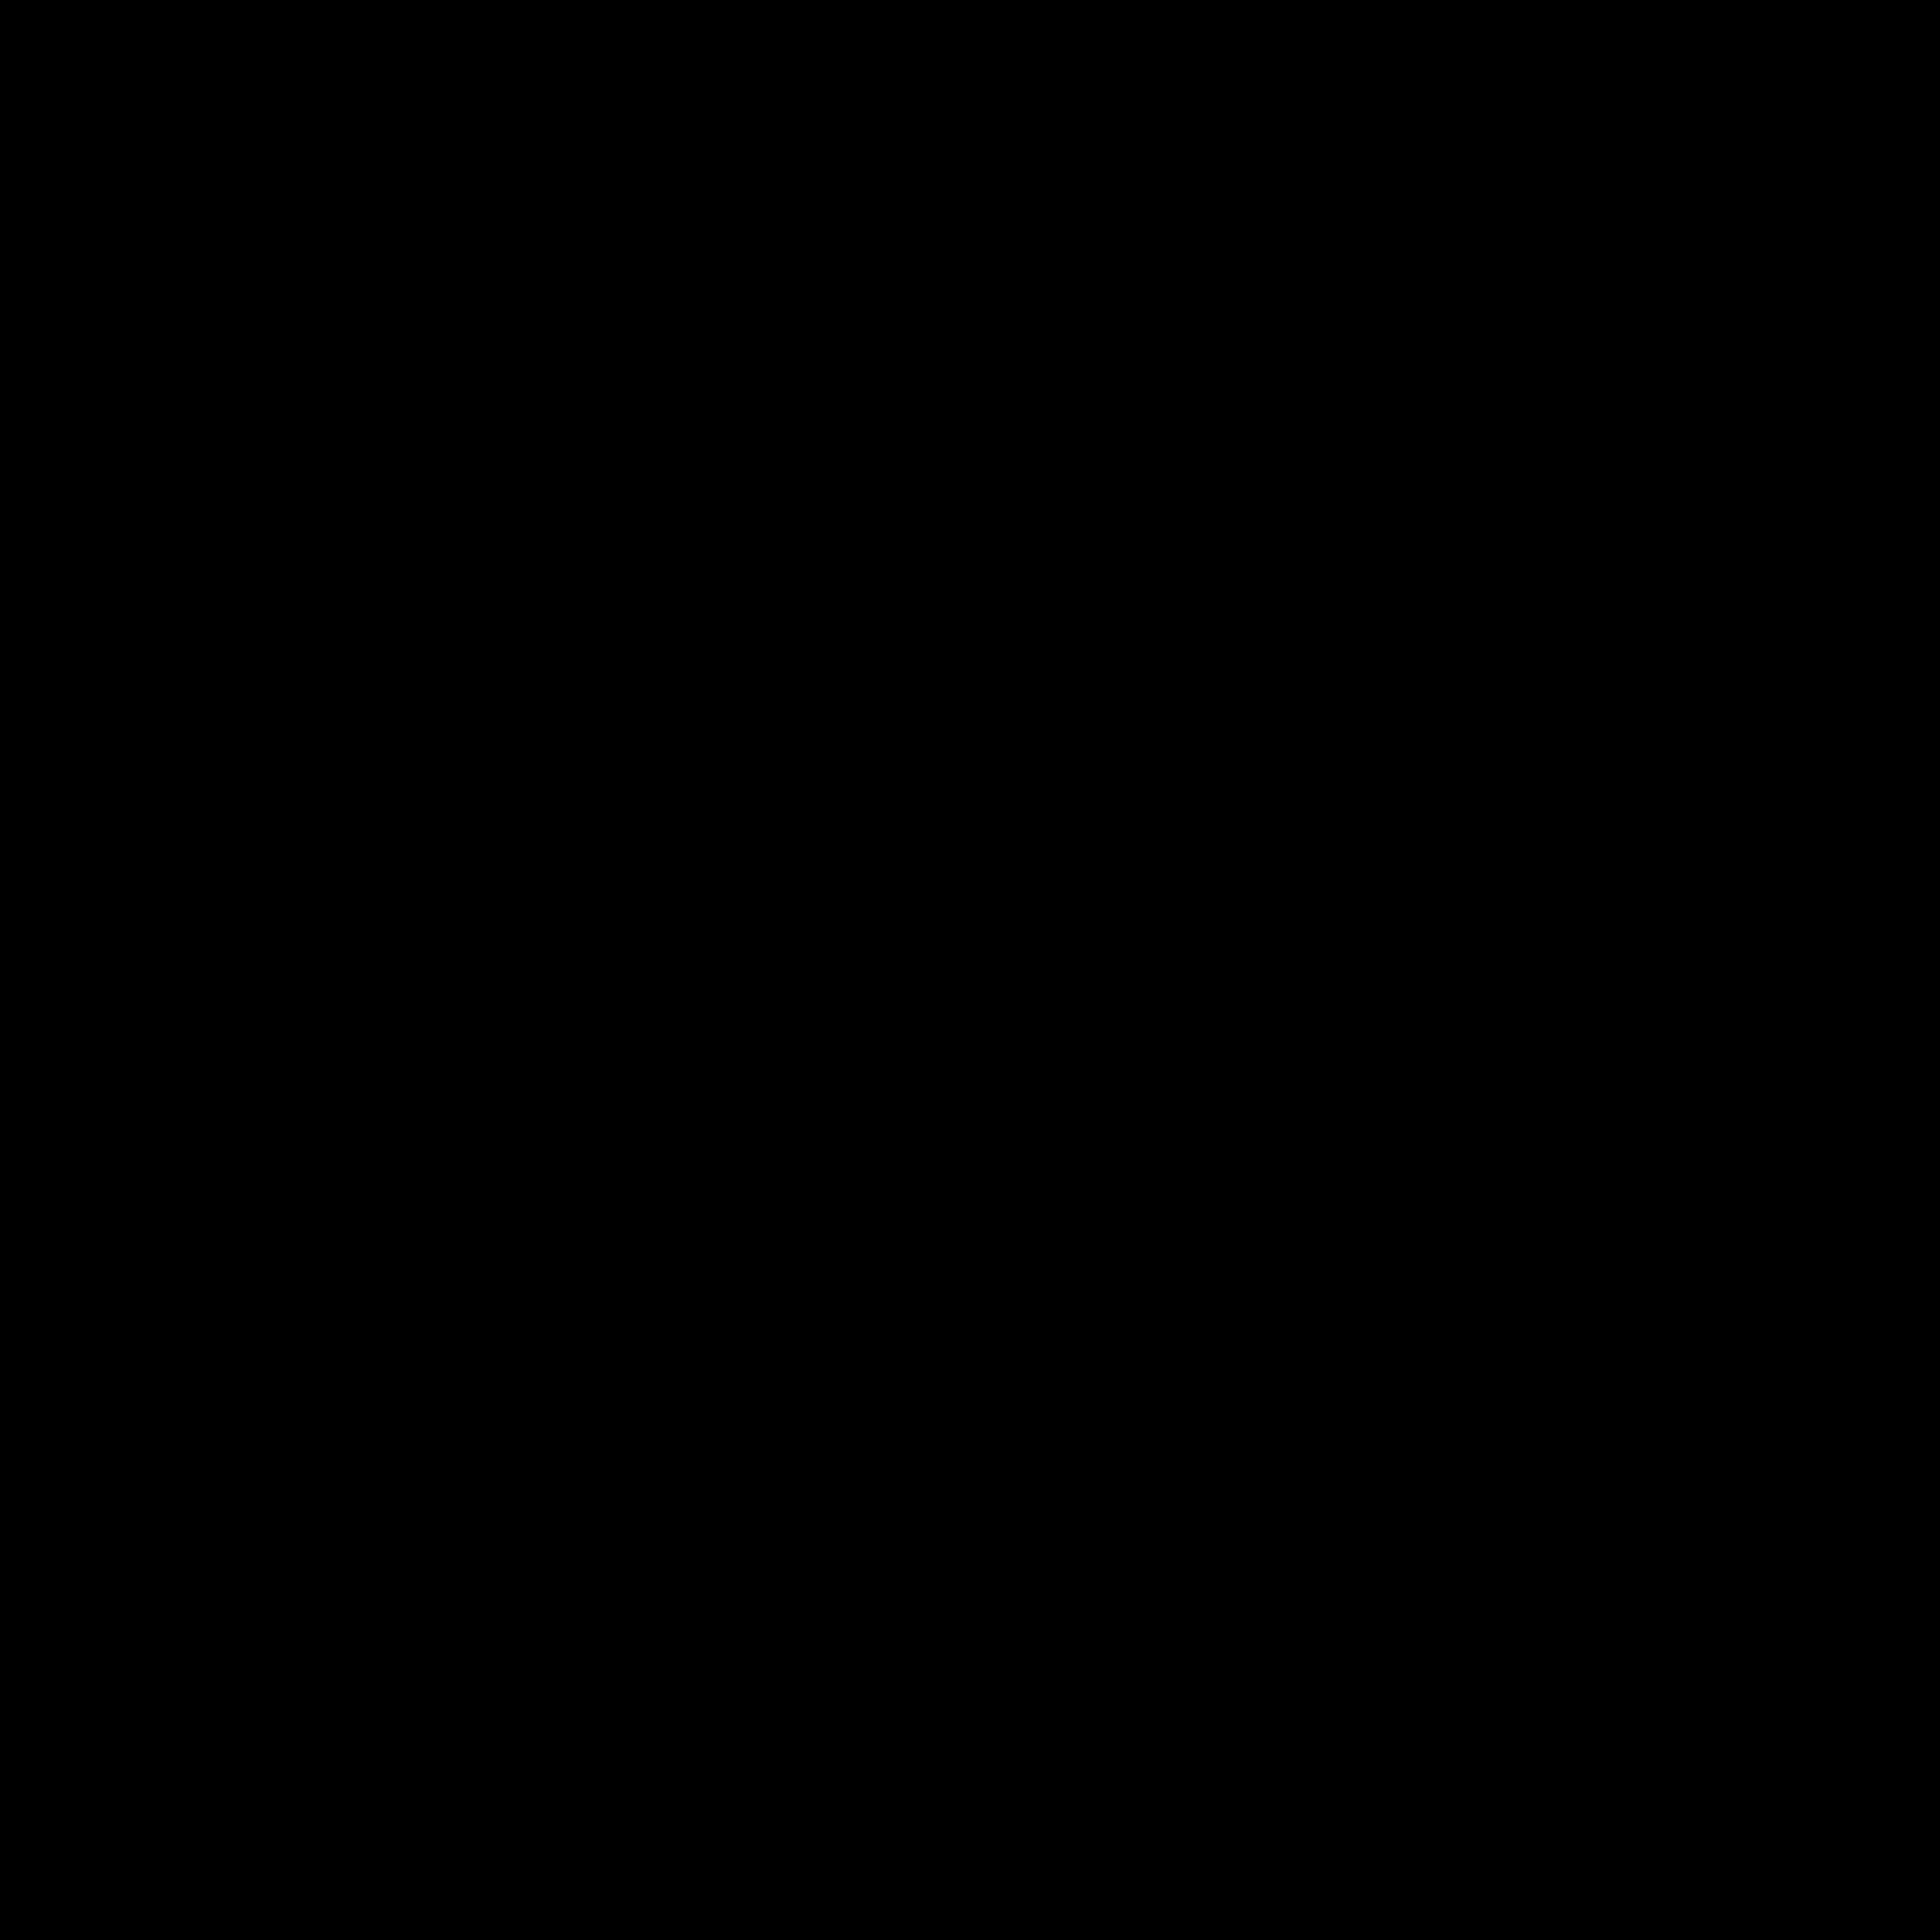 Belden Logo PNG Transparent & SVG Vector - Freebie Supply